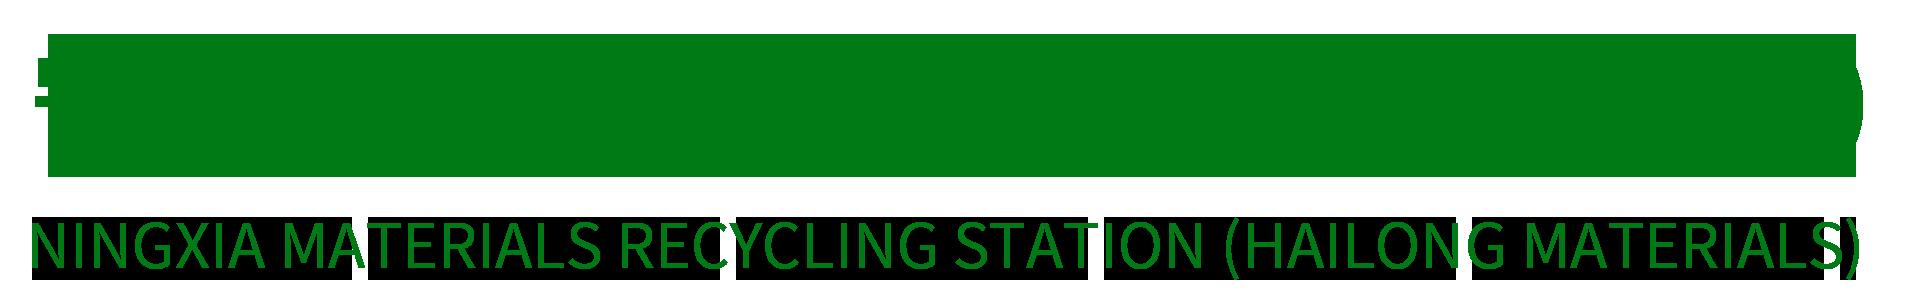 宁夏物资回收站(海龙物资)